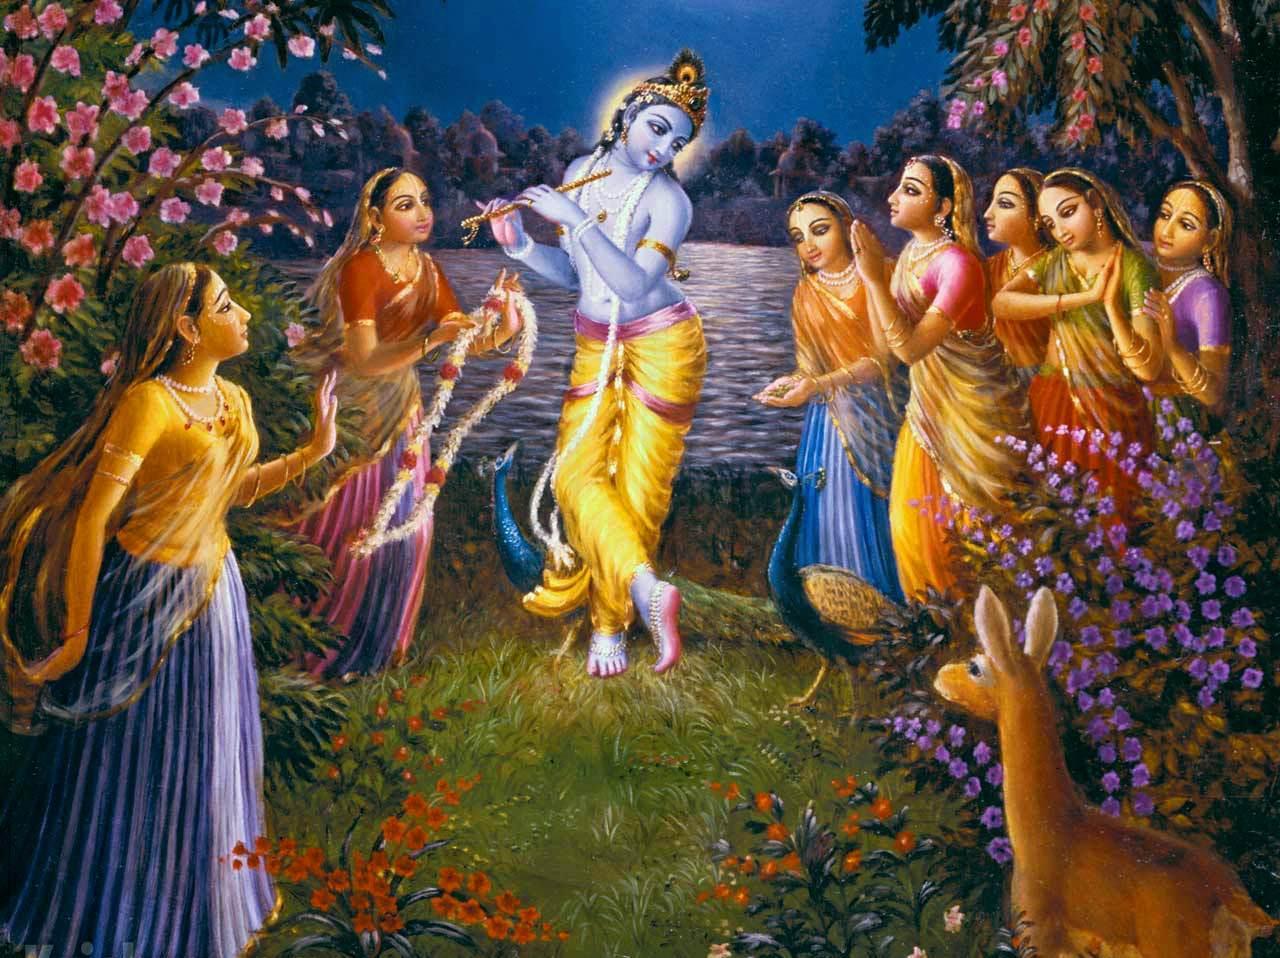 Risultati immagini per Krishna e le gopi